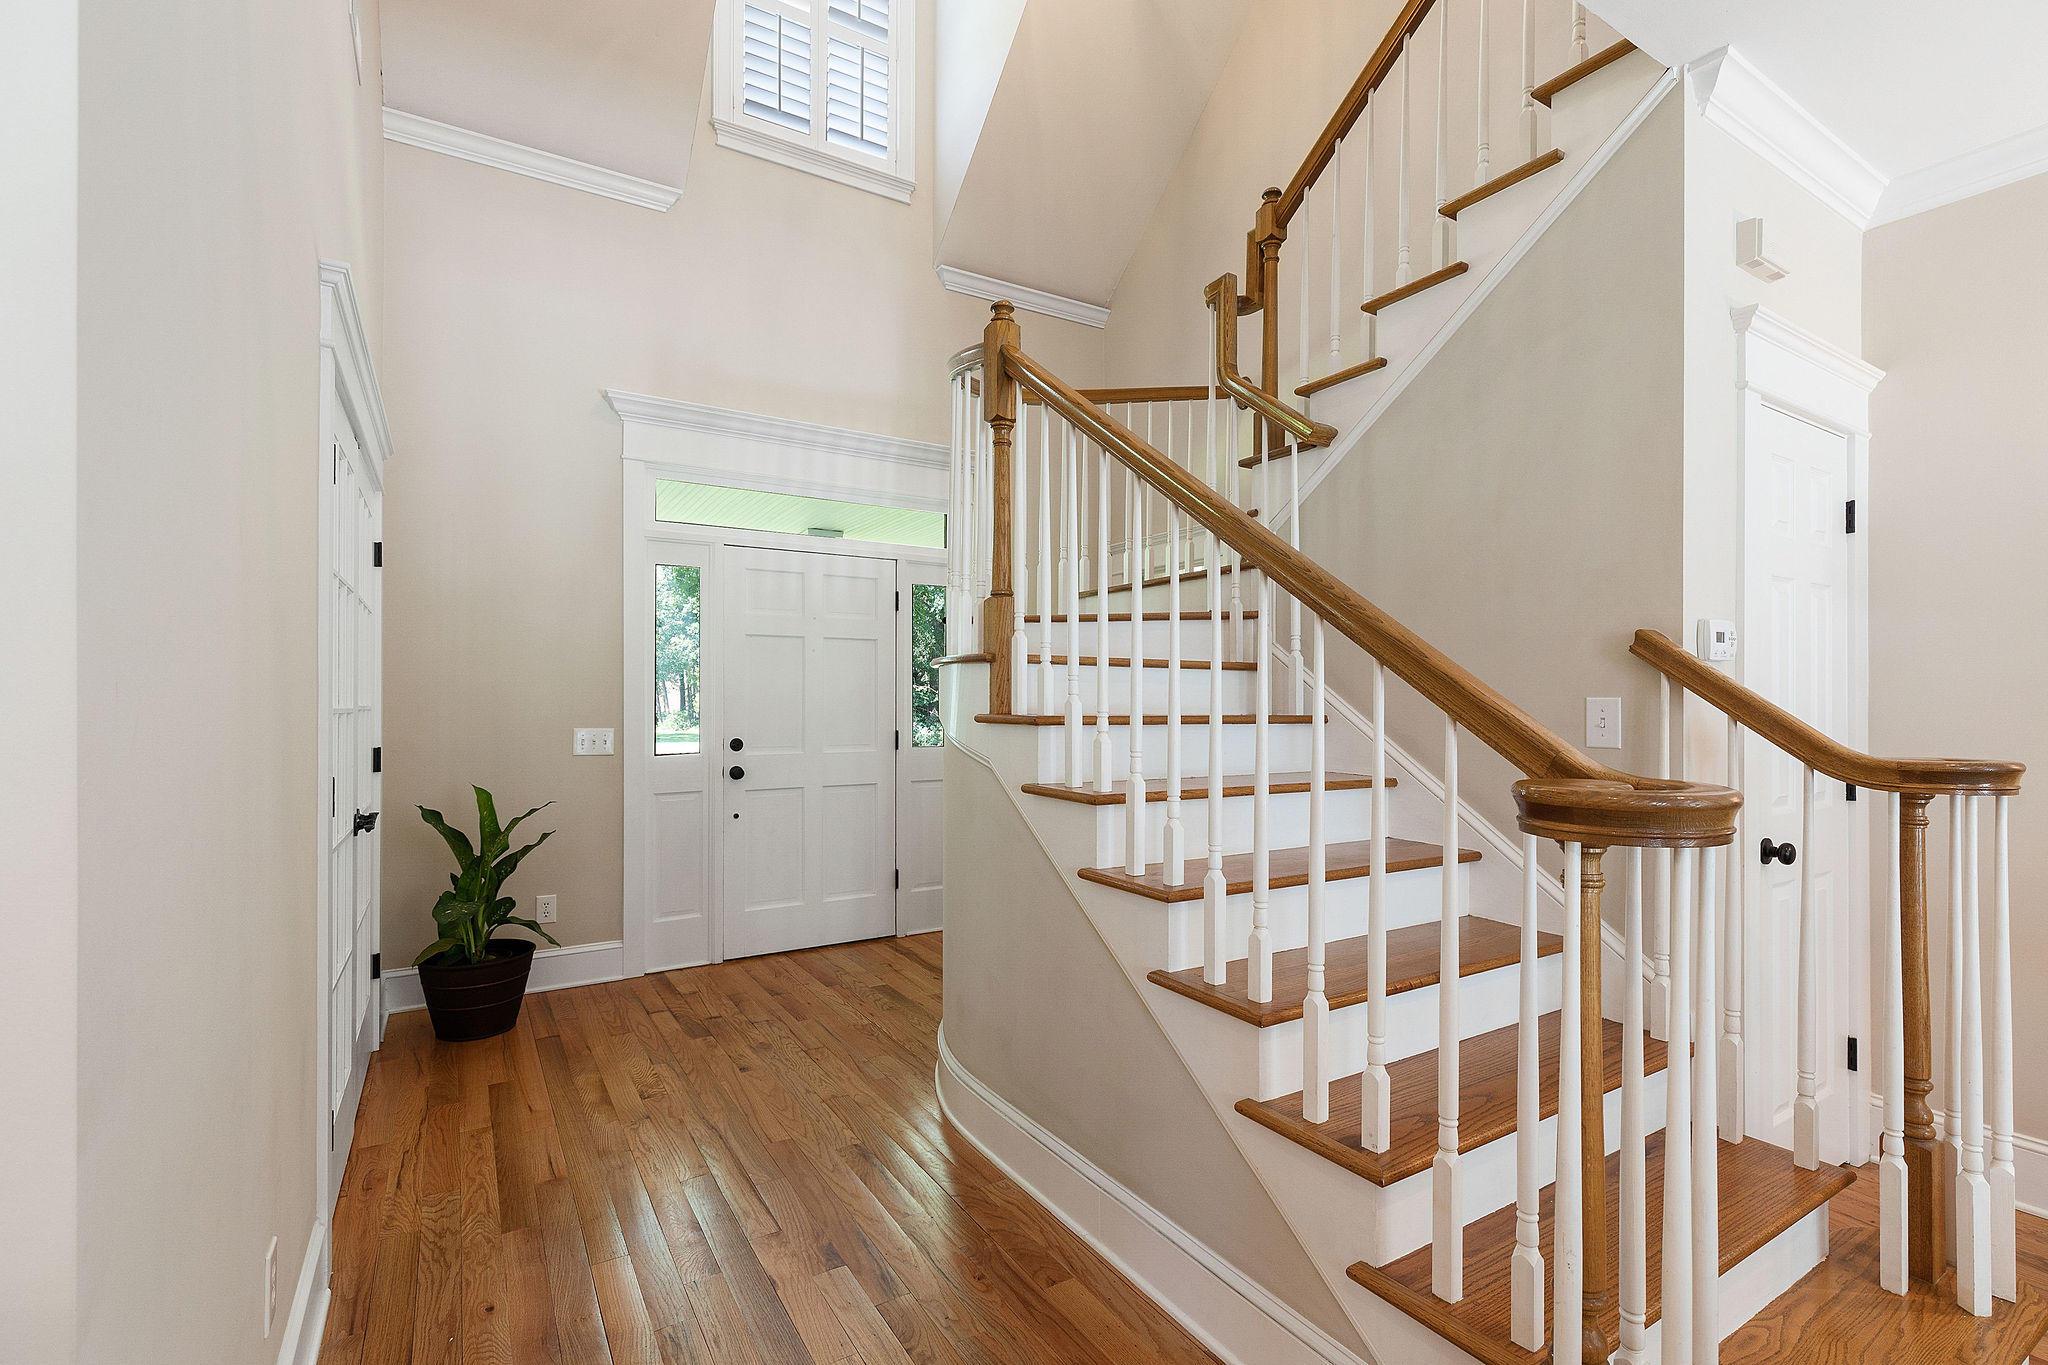 Dunes West Homes For Sale - 3201 Cottonfield, Mount Pleasant, SC - 27